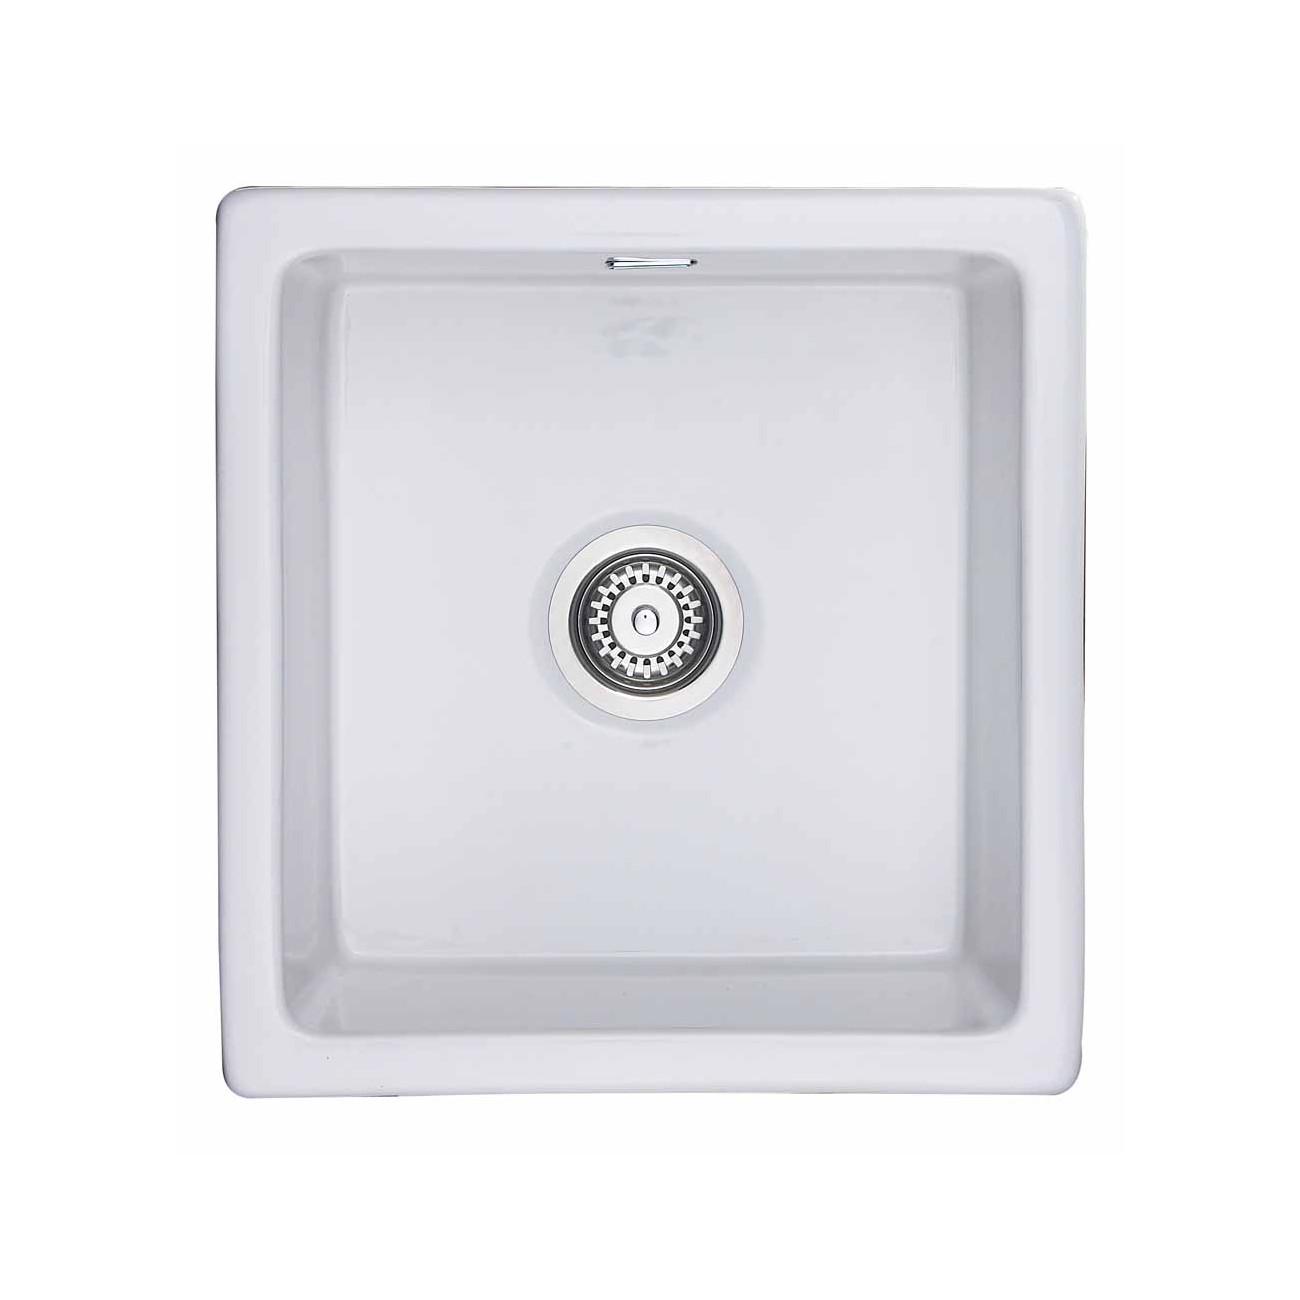 Rangemaster Rustique CRUB4648WH White Ceramic Sink